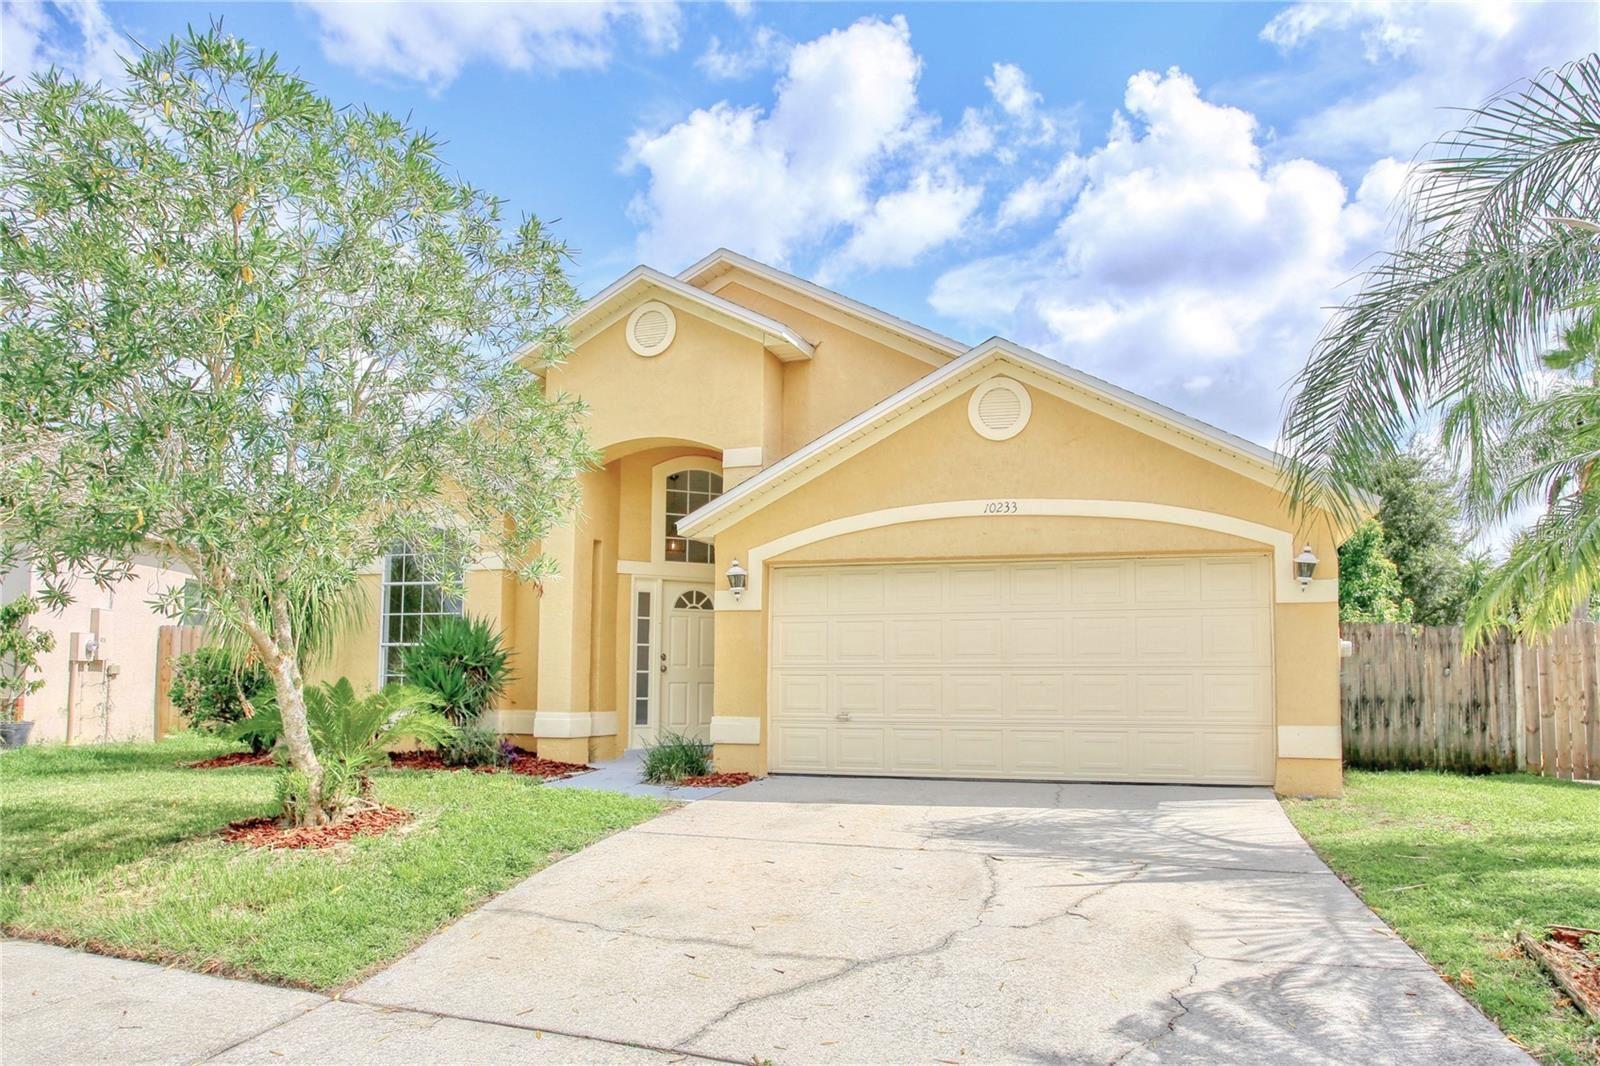 10233 NEVERSINK COURT, Orlando, FL 32817 - #: O5962115